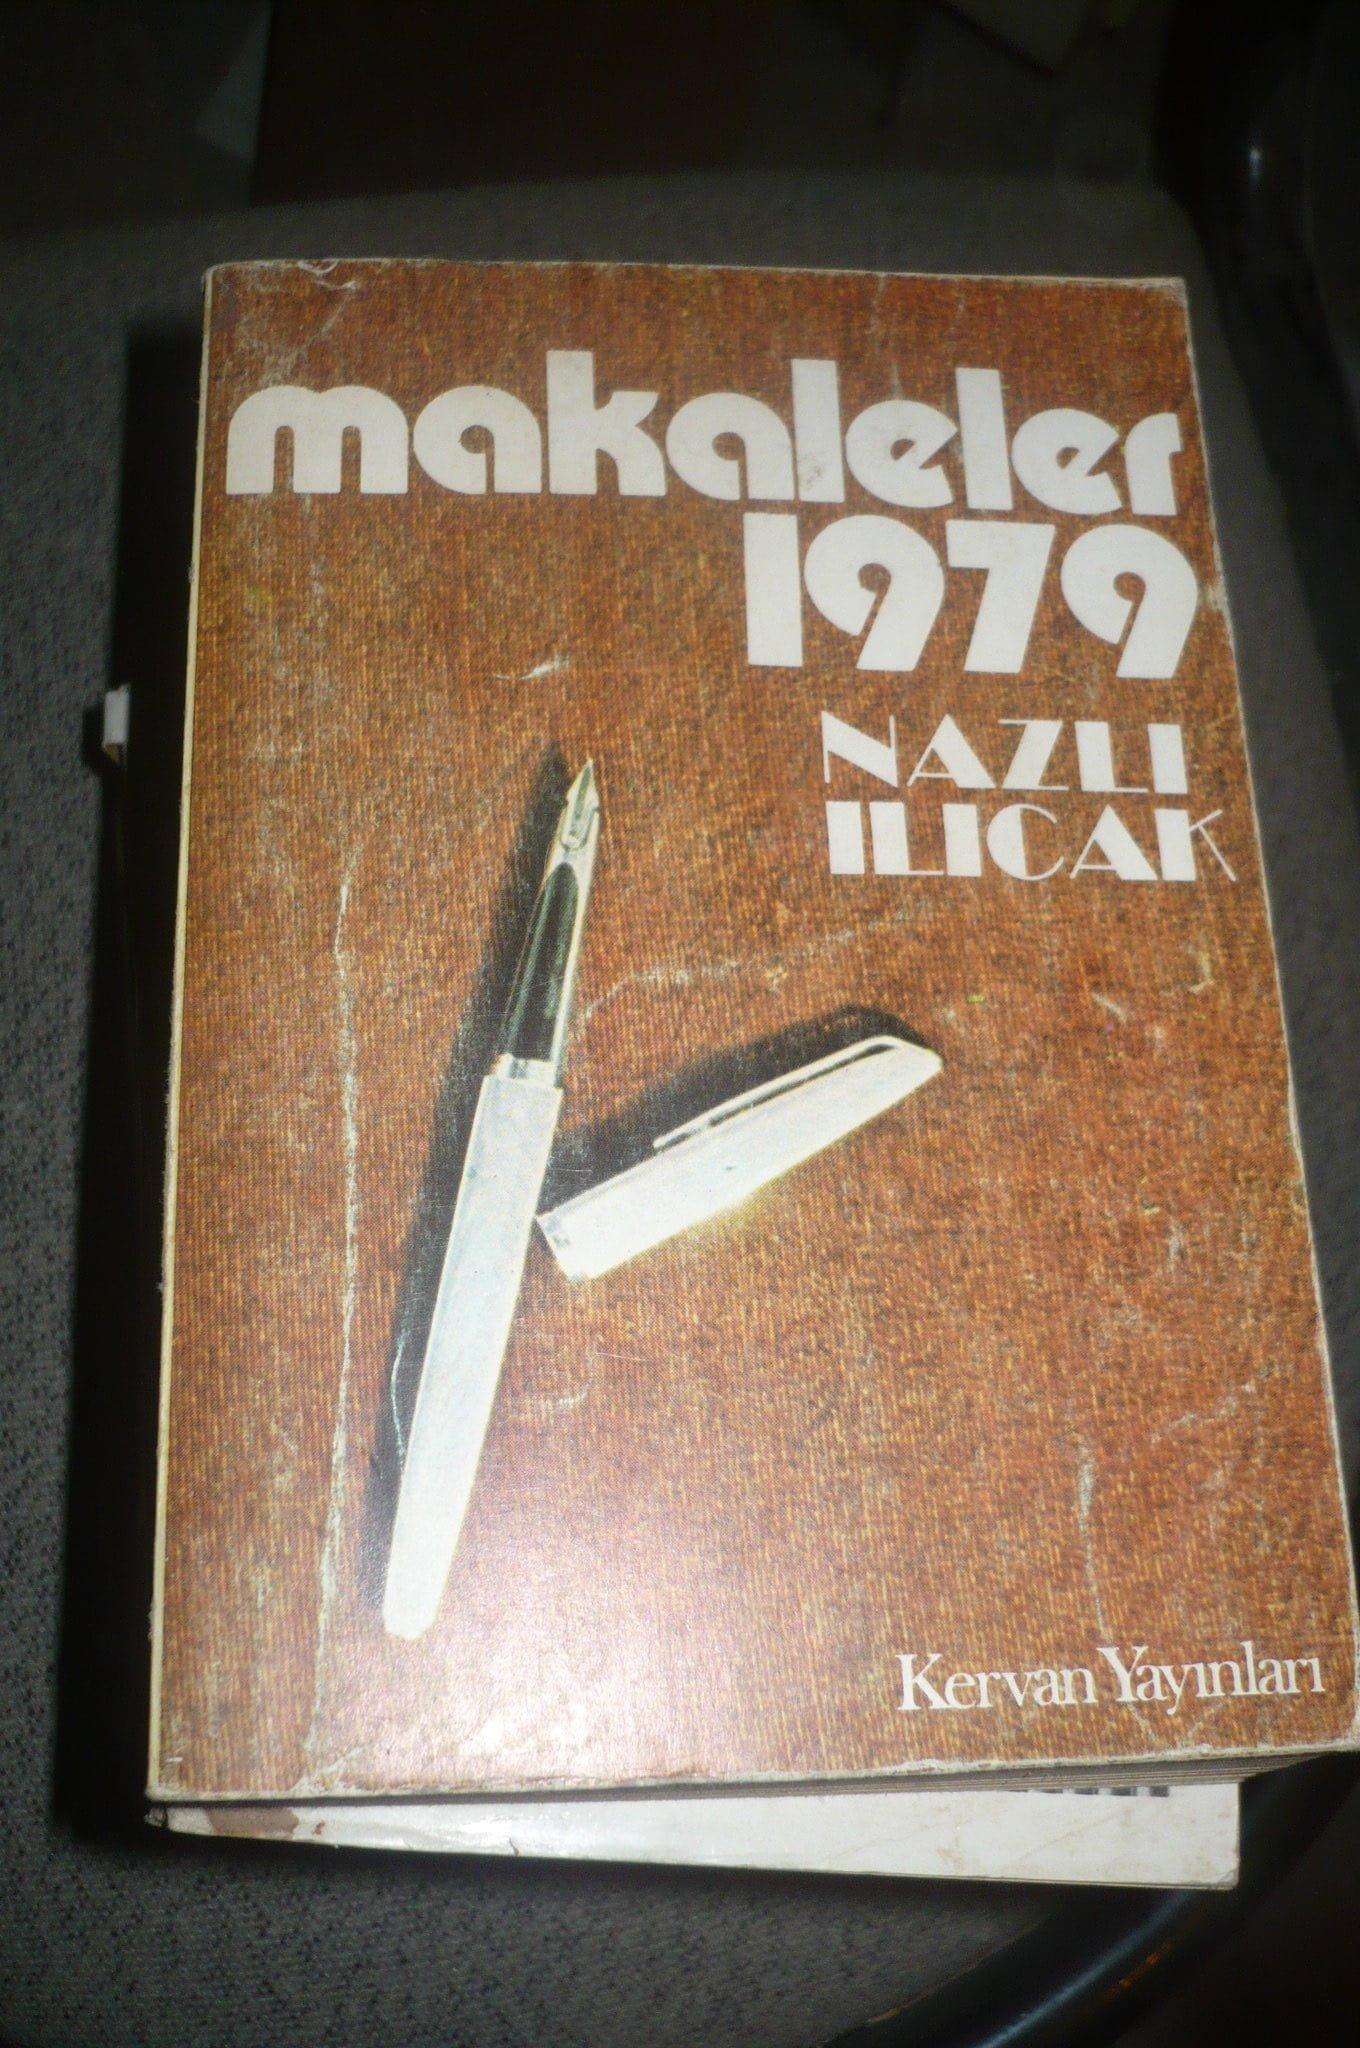 MAKALELER 1979/Nazlı Ilıcak/ 15 tl